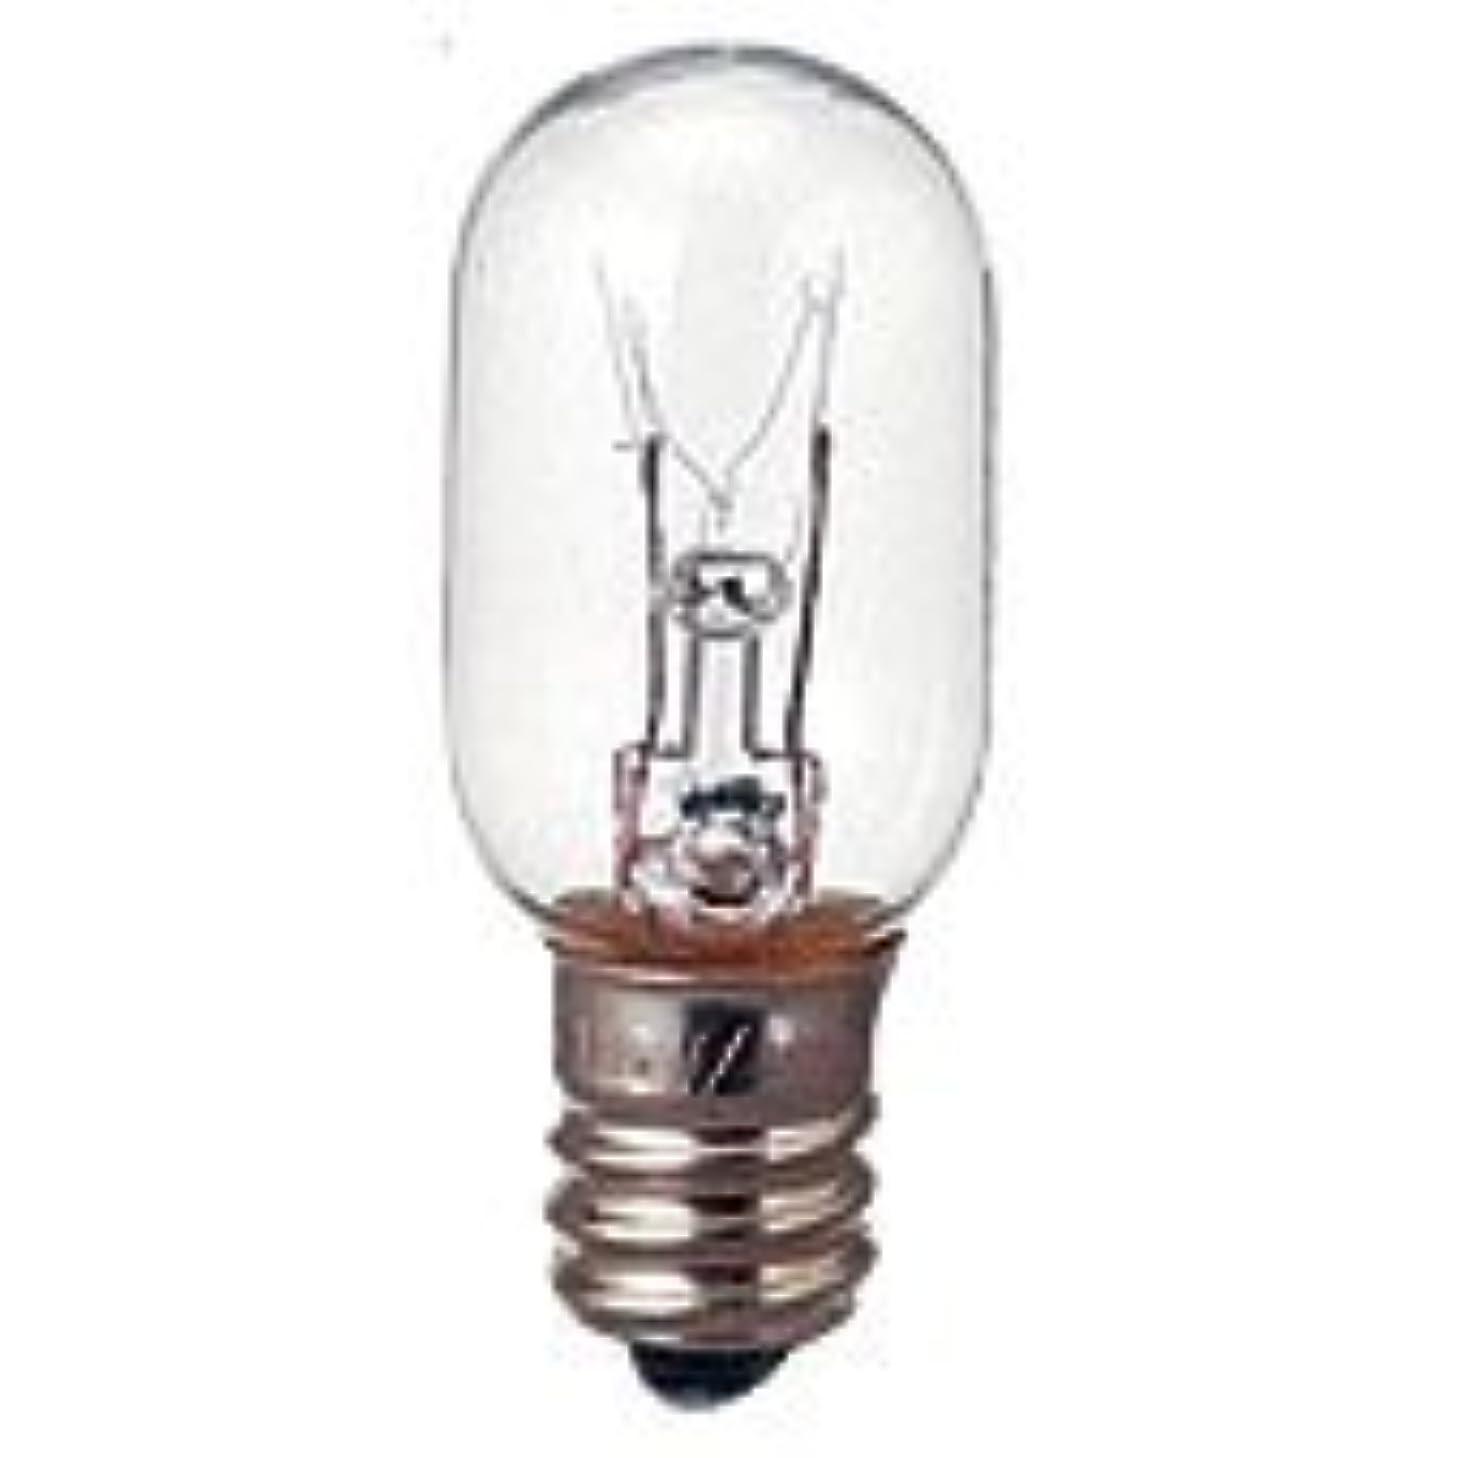 思春期の前兆歯科医生活の木 オールナイト用電球(5W)